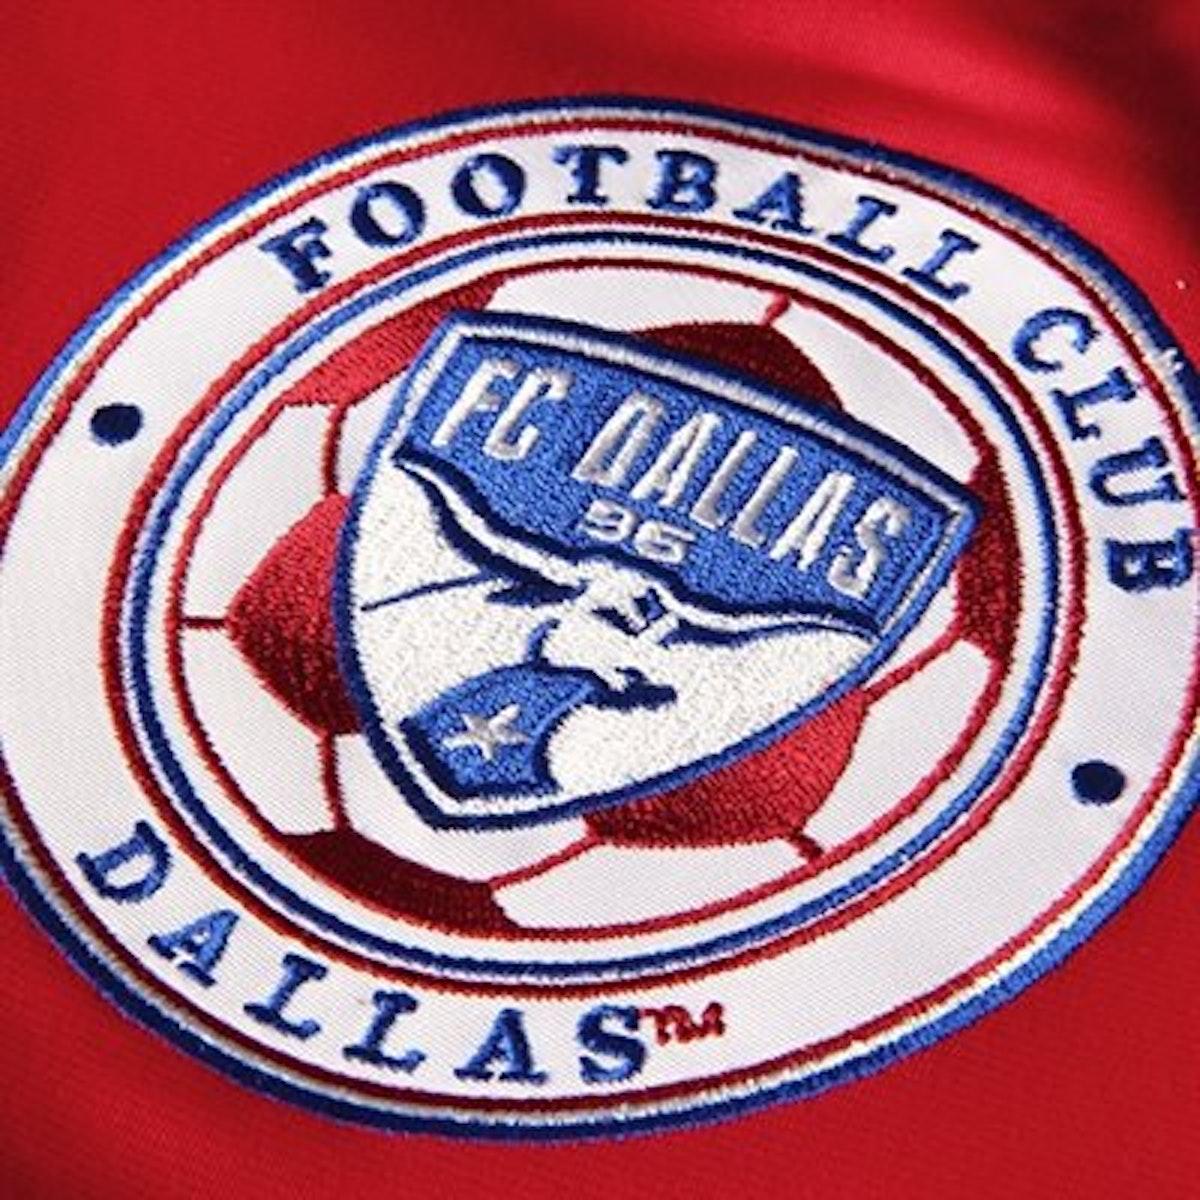 1463687597-fc-dallas-logo